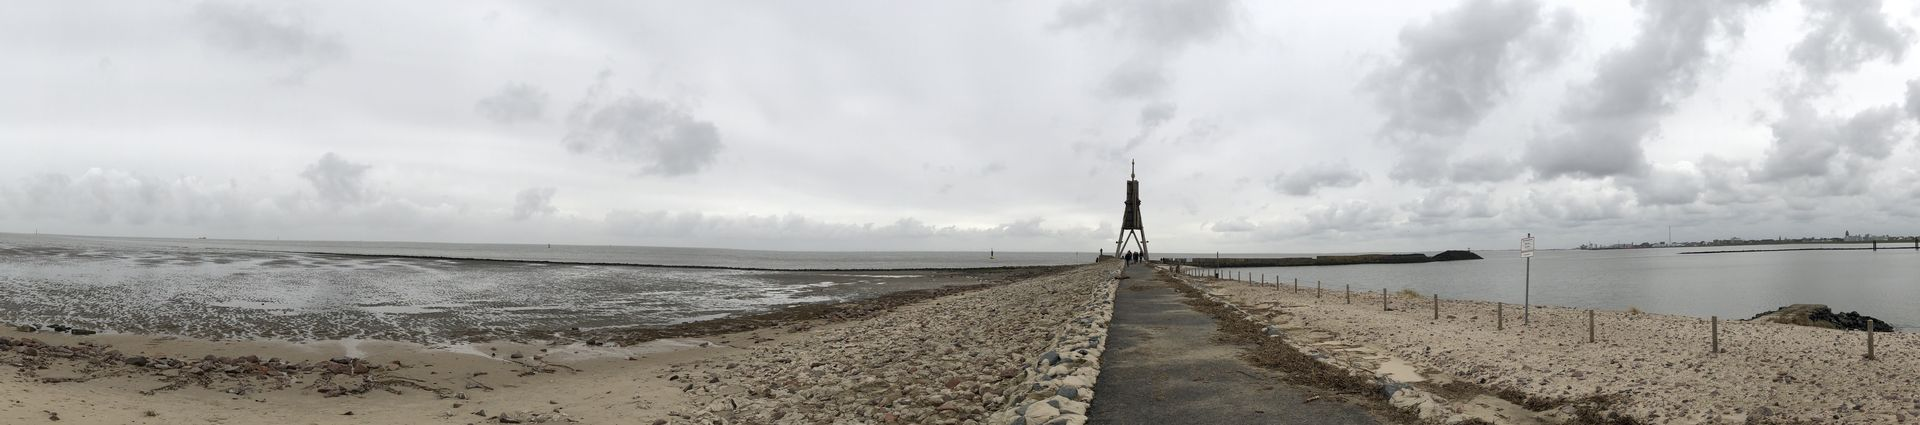 Viele Jahrzehnte dauerte der Kampf gegen die Nordsee - heute hat sich die Kugelbake ihren Standort am nördlichsten Punkt Niedersachsens erobert.